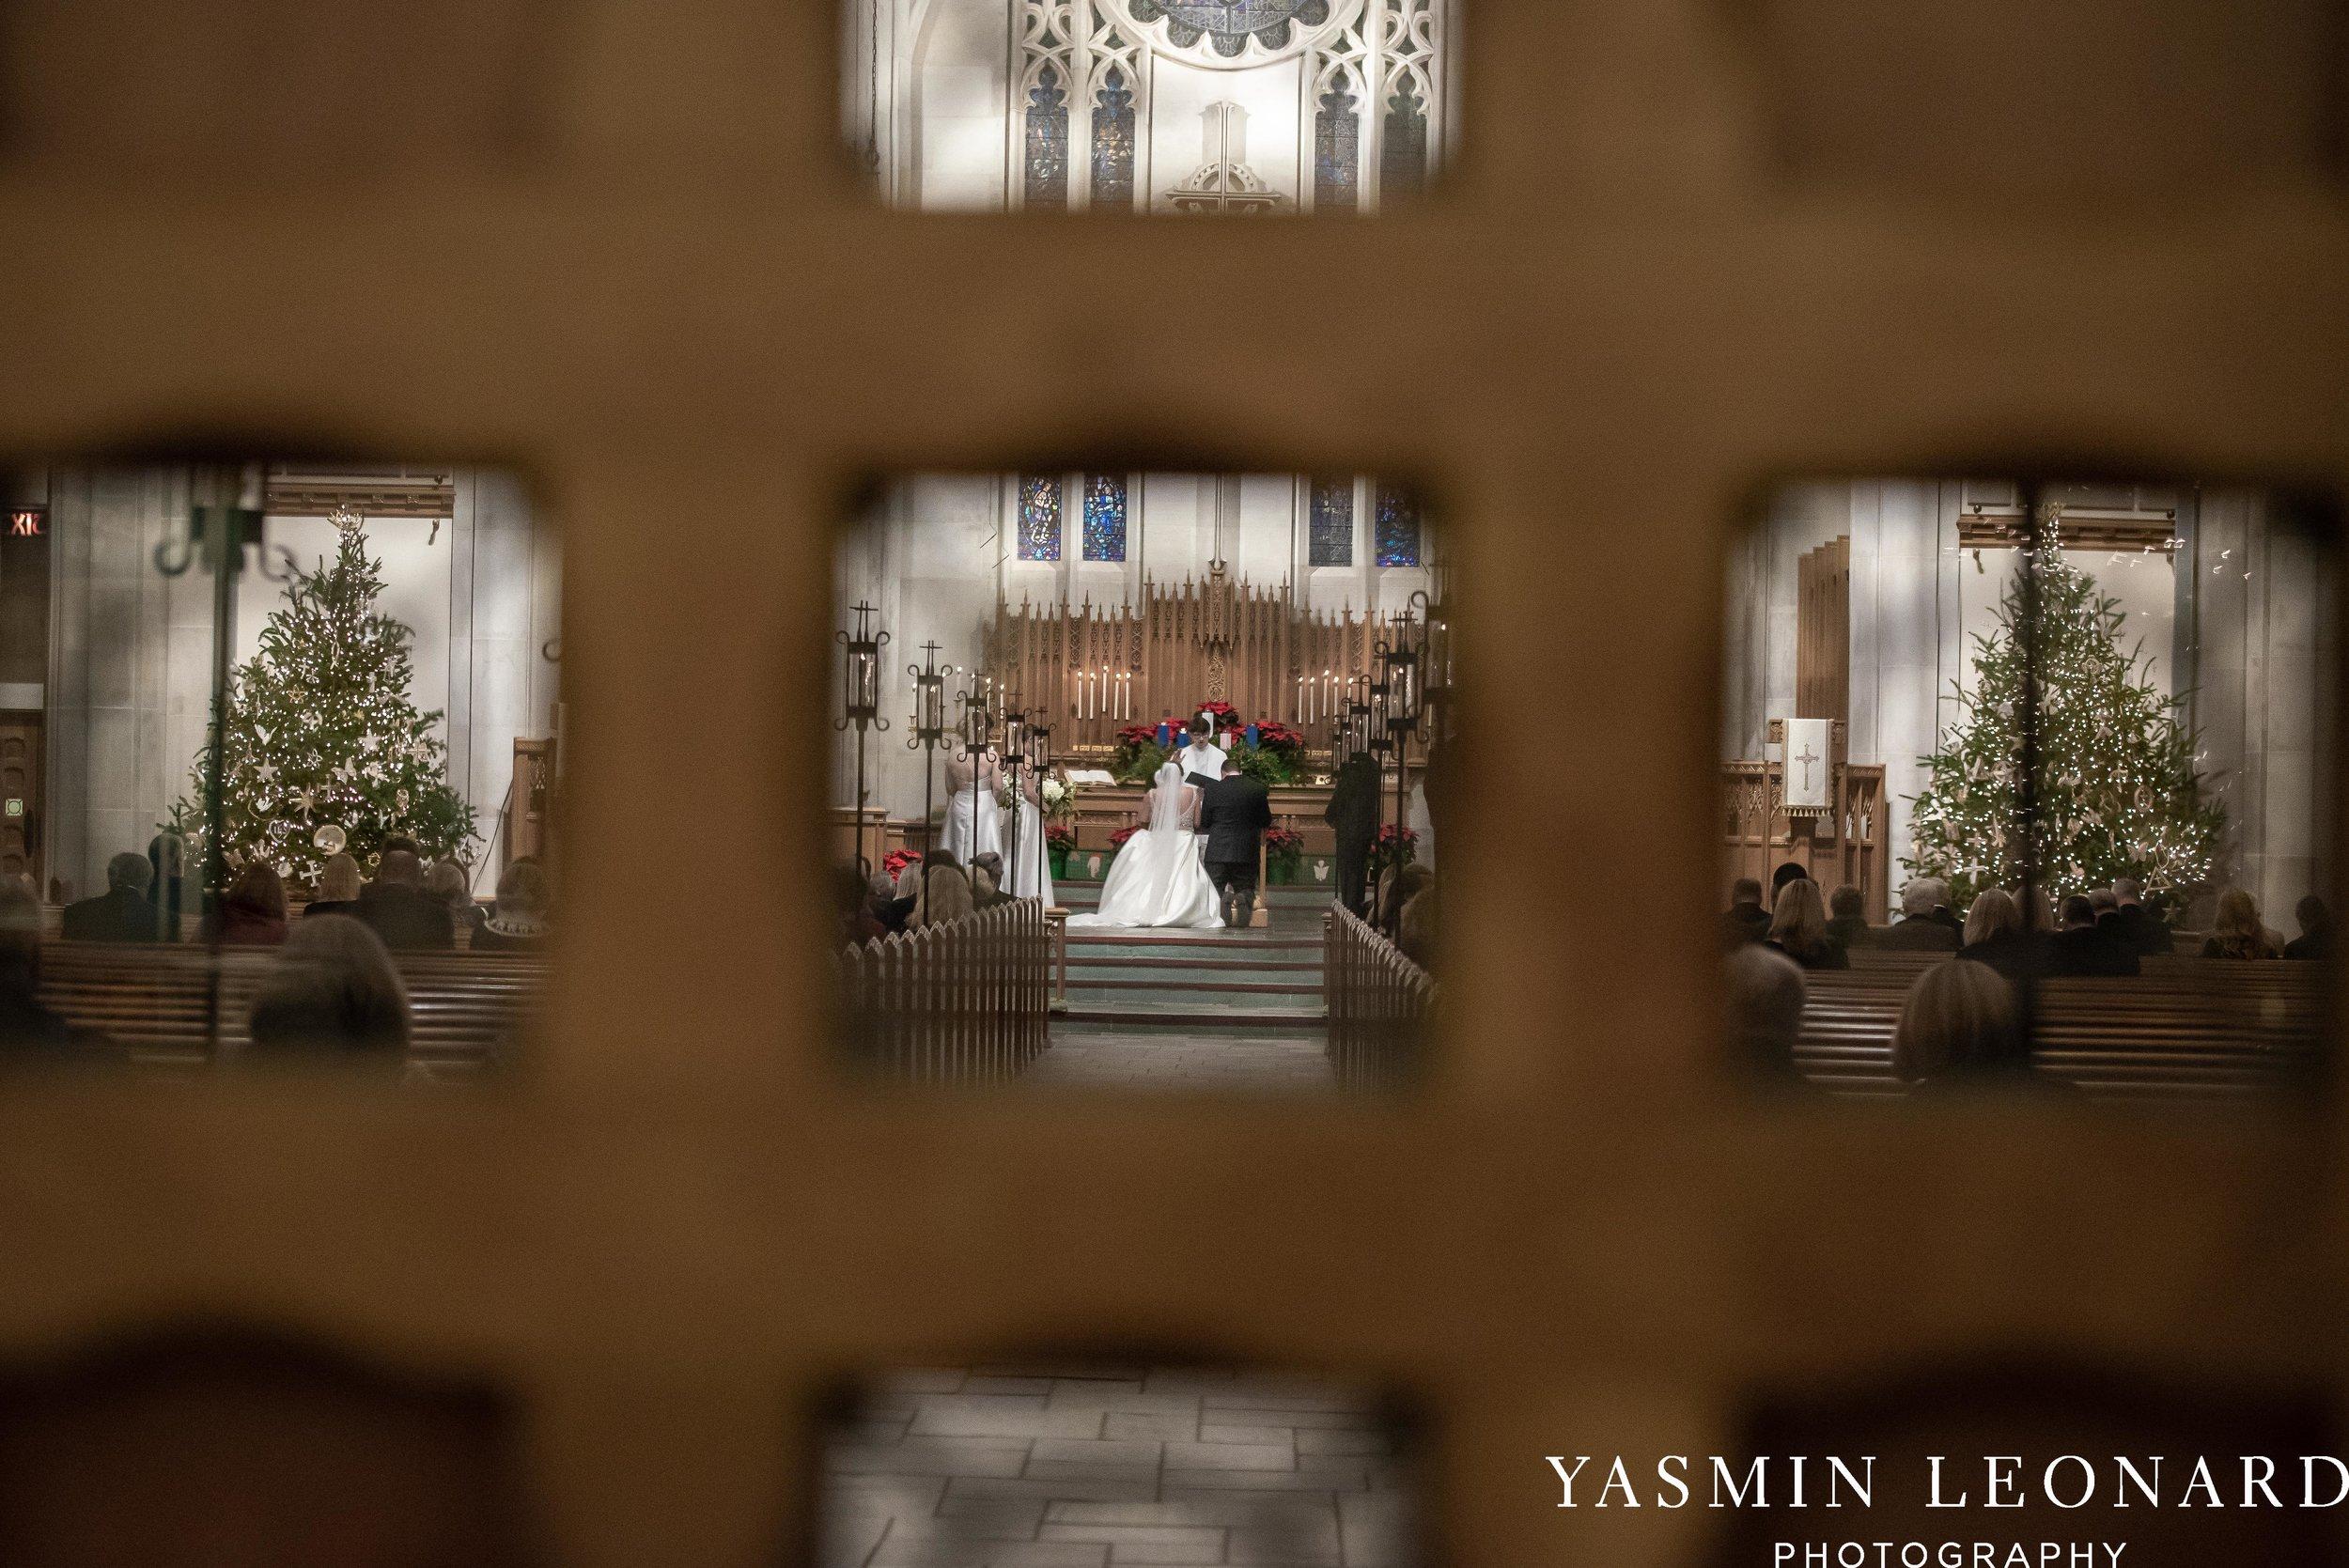 Adaumont Farm - Wesley Memorial Weddings - High Point Weddings - Just Priceless - NC Wedding Photographer - Yasmin Leonard Photography - High Point Wedding Vendors-34.jpg